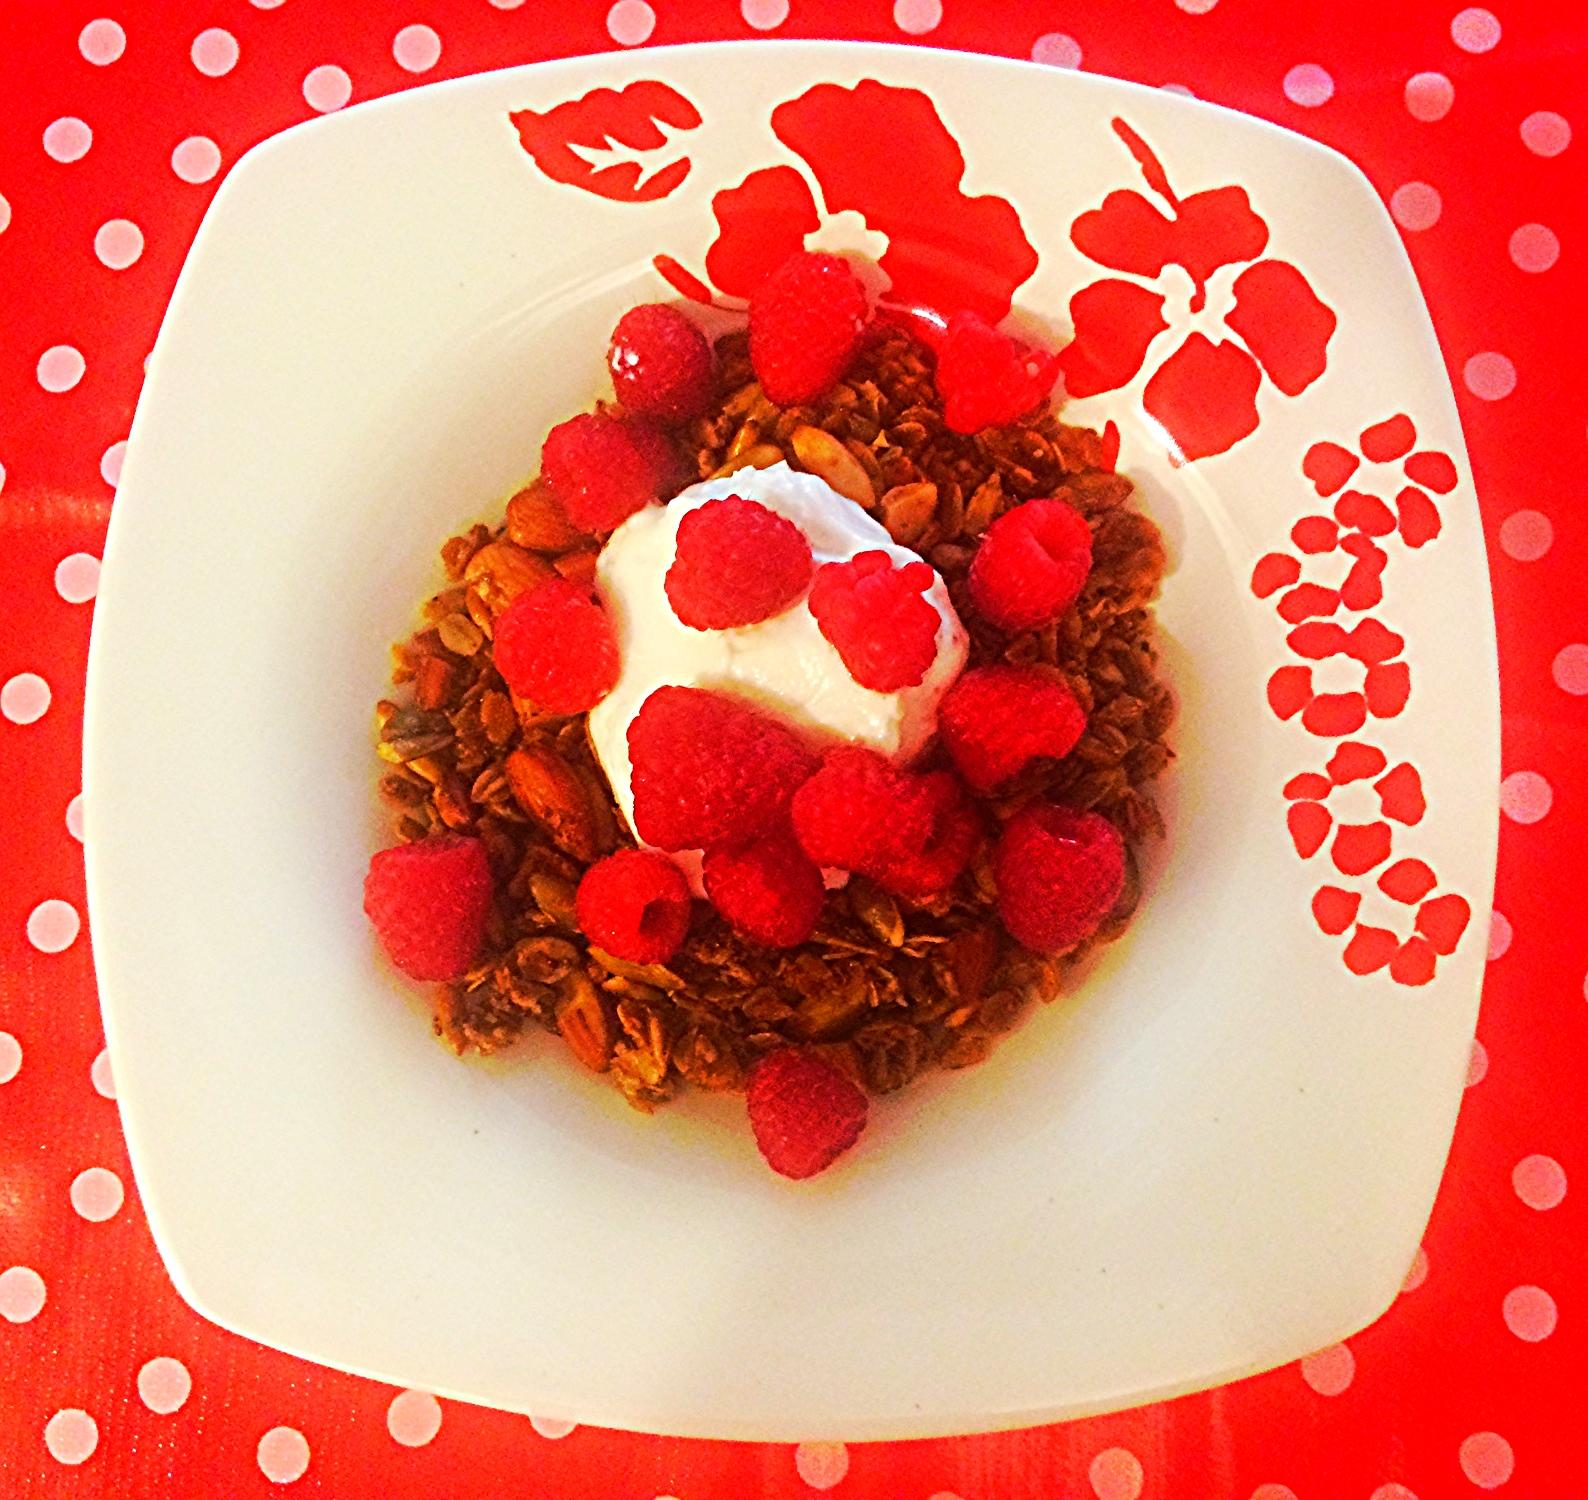 Mmmmm...looks like the perfect breakfast to me: granola topped with Greek yogurt and fresh raspberries.